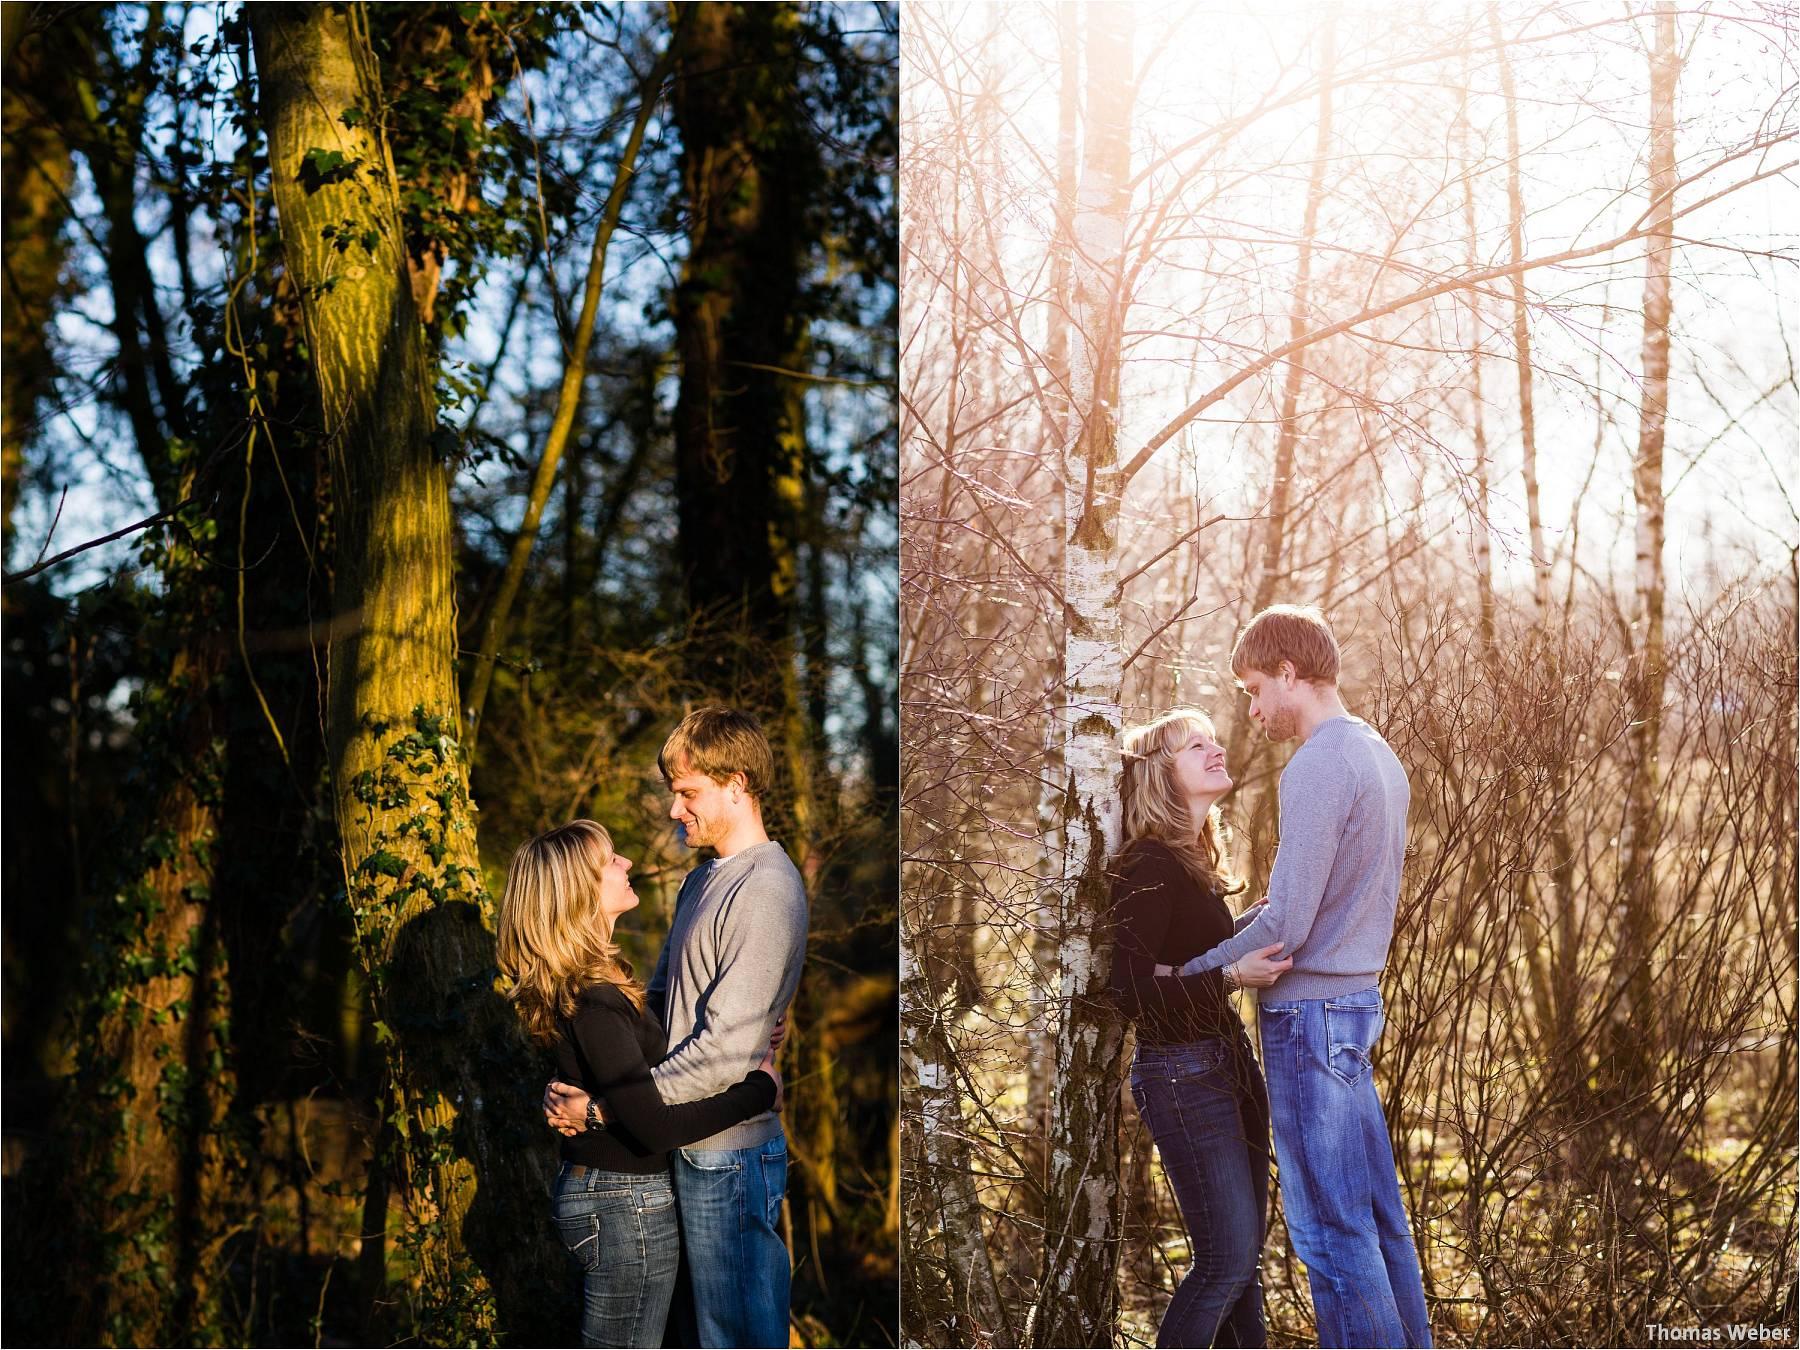 Hochzeitsfotograf Wilhelmshaven: Engagement- und Verlobungsfotos für die Einladungskarten der Hochzeit (3)